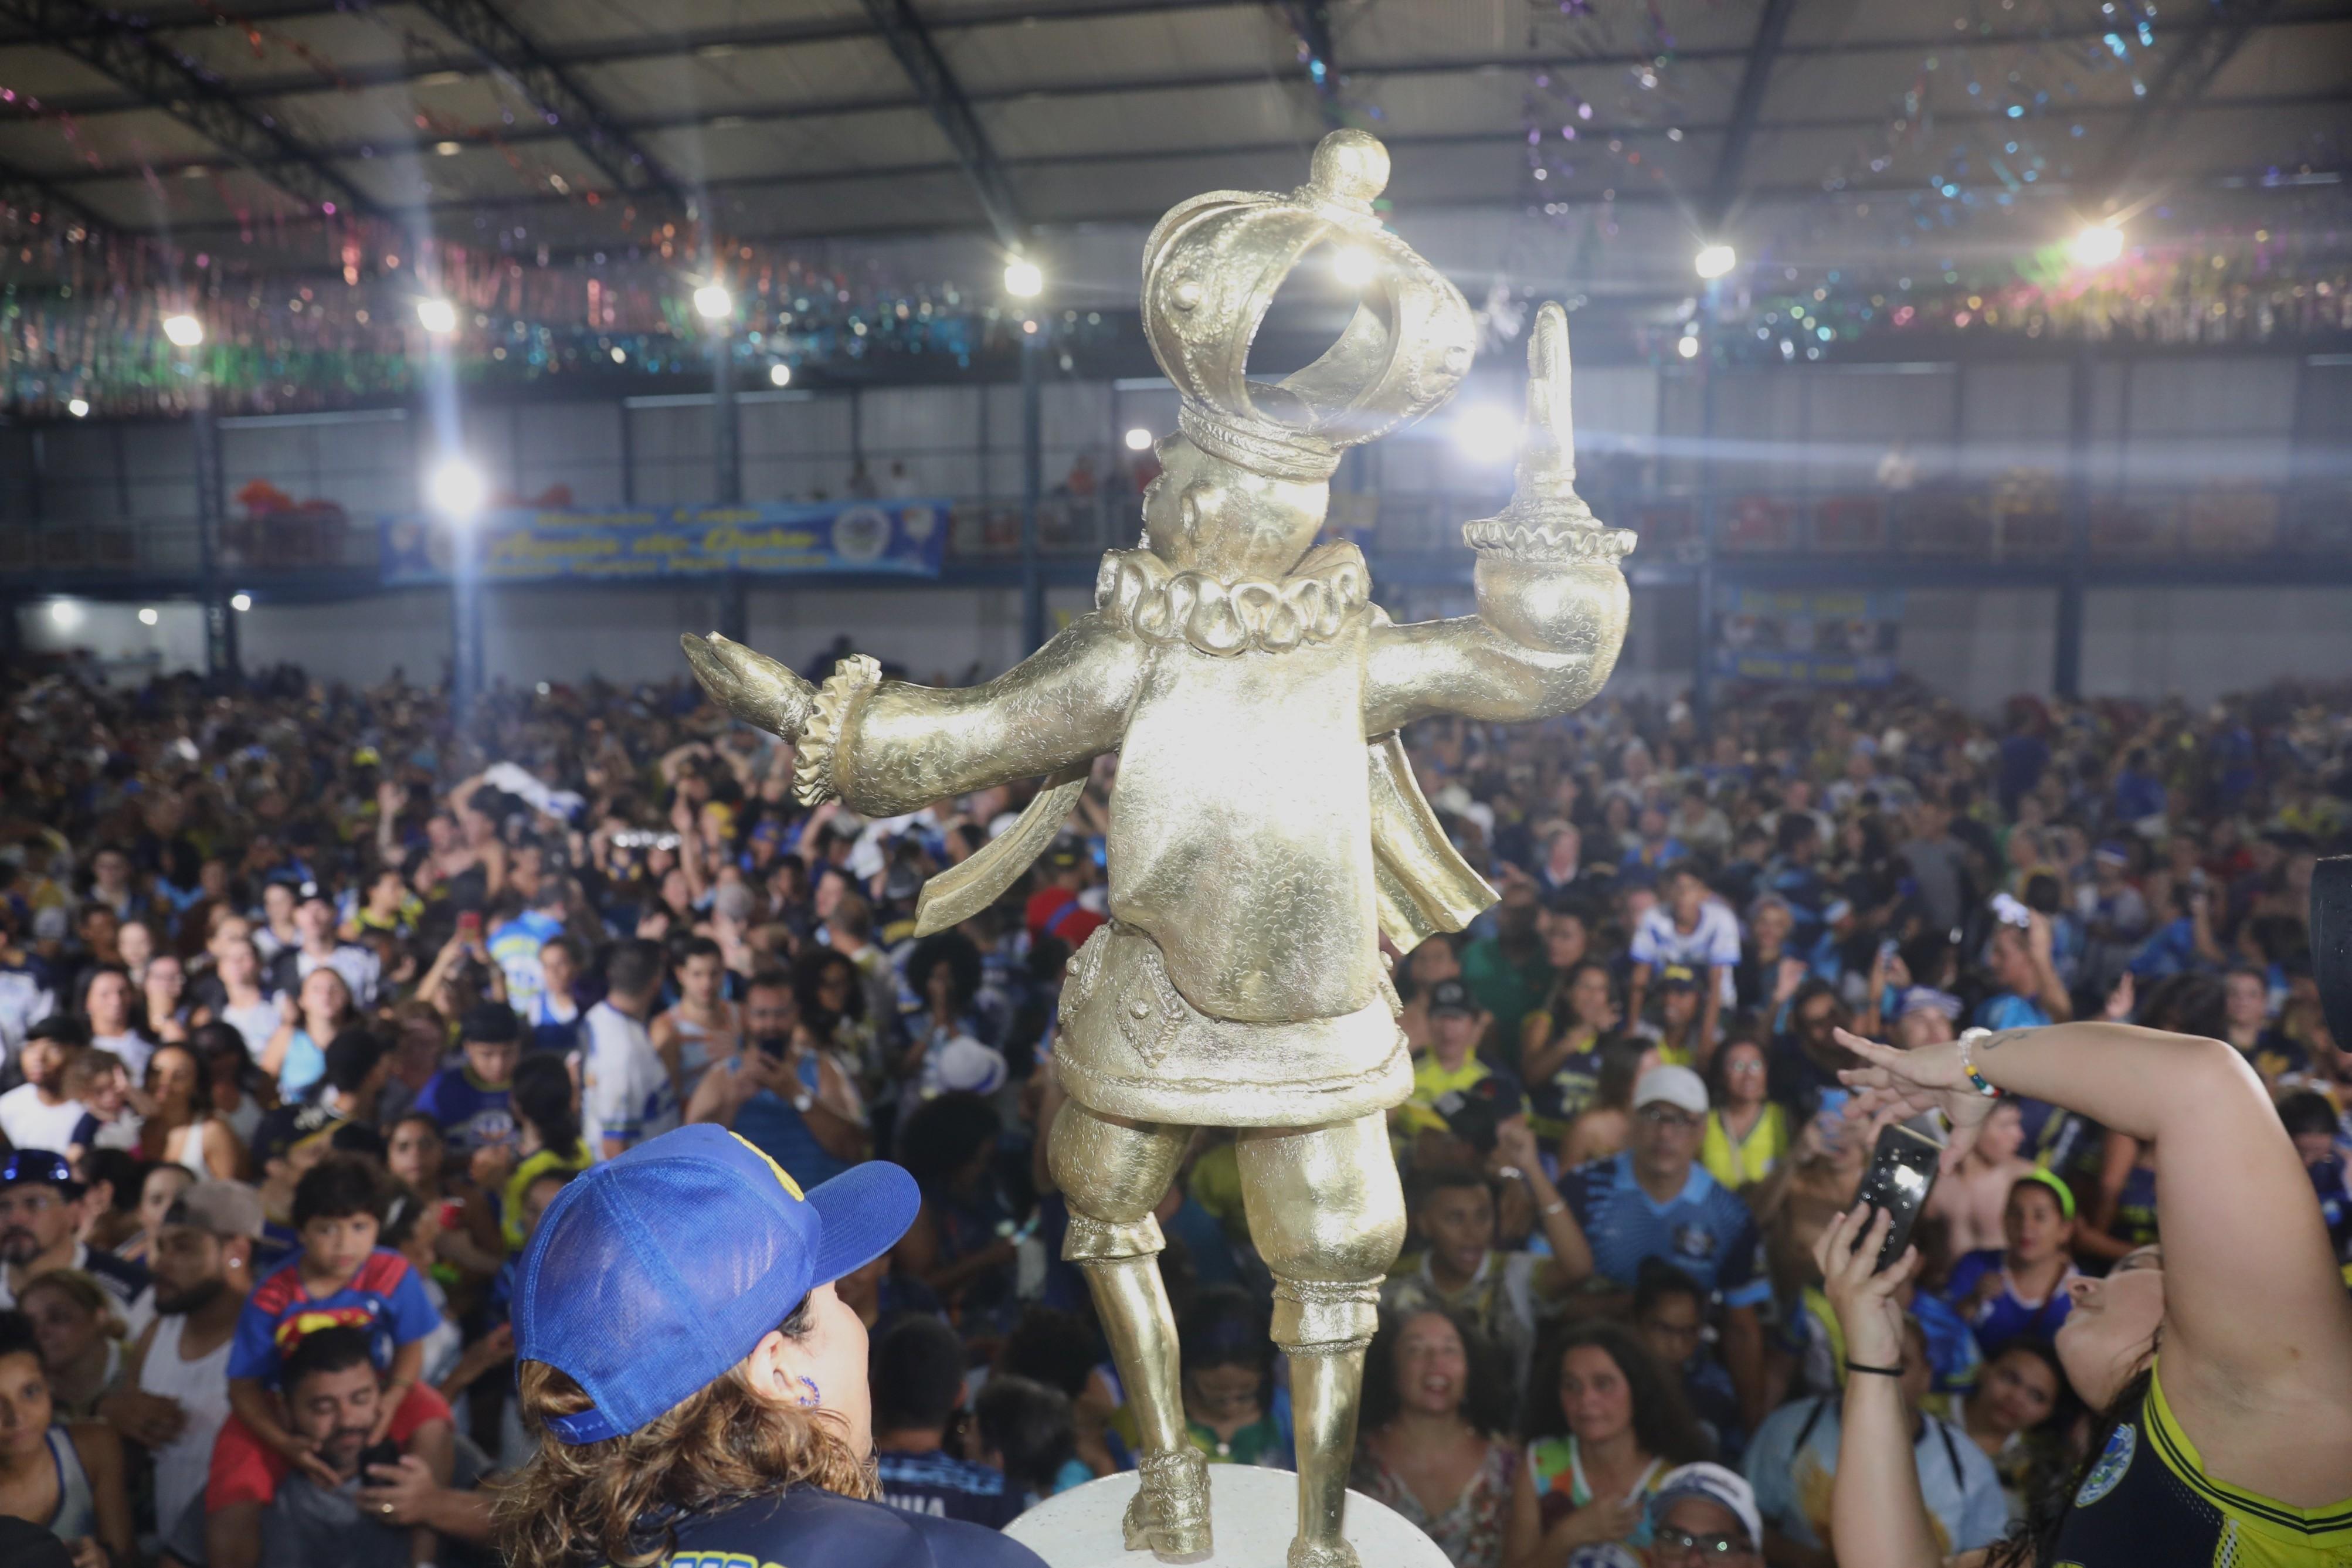 Carnaval 2020: Iza e Paolla rainhas, tombo de Lexa, topless de Jojo Todynho, Anitta e suas fantasias, veja os destaques da folia